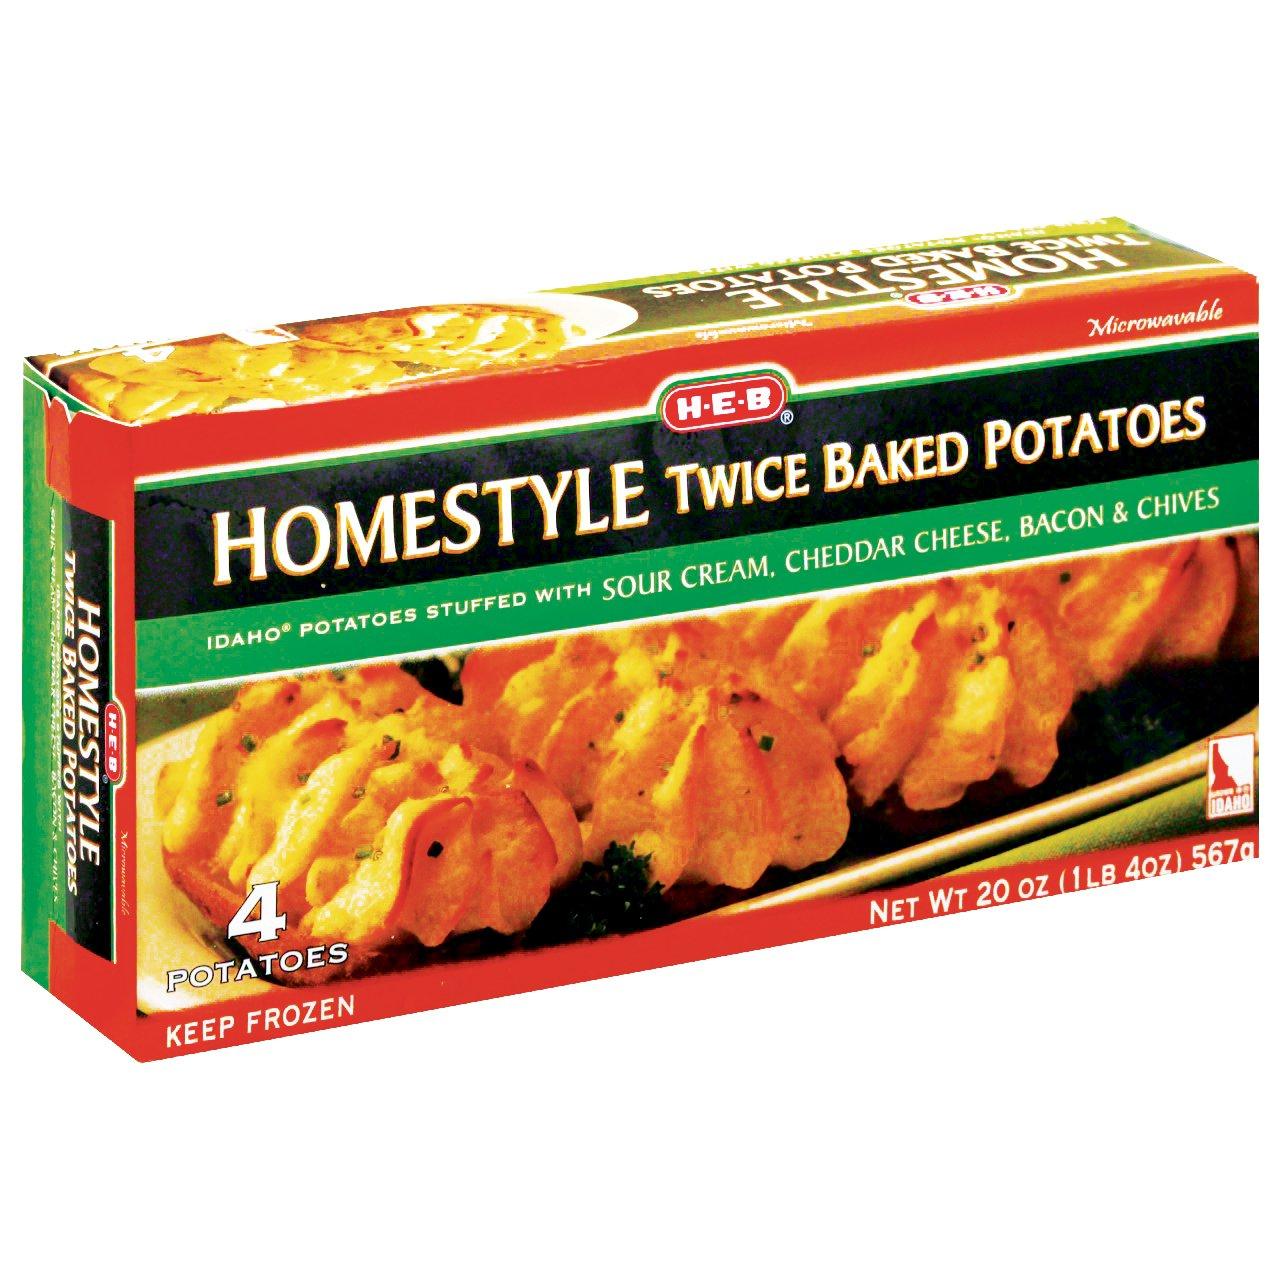 H E B Homestyle Twice Baked Potatoes Shop Potatoes Carrots At H E B